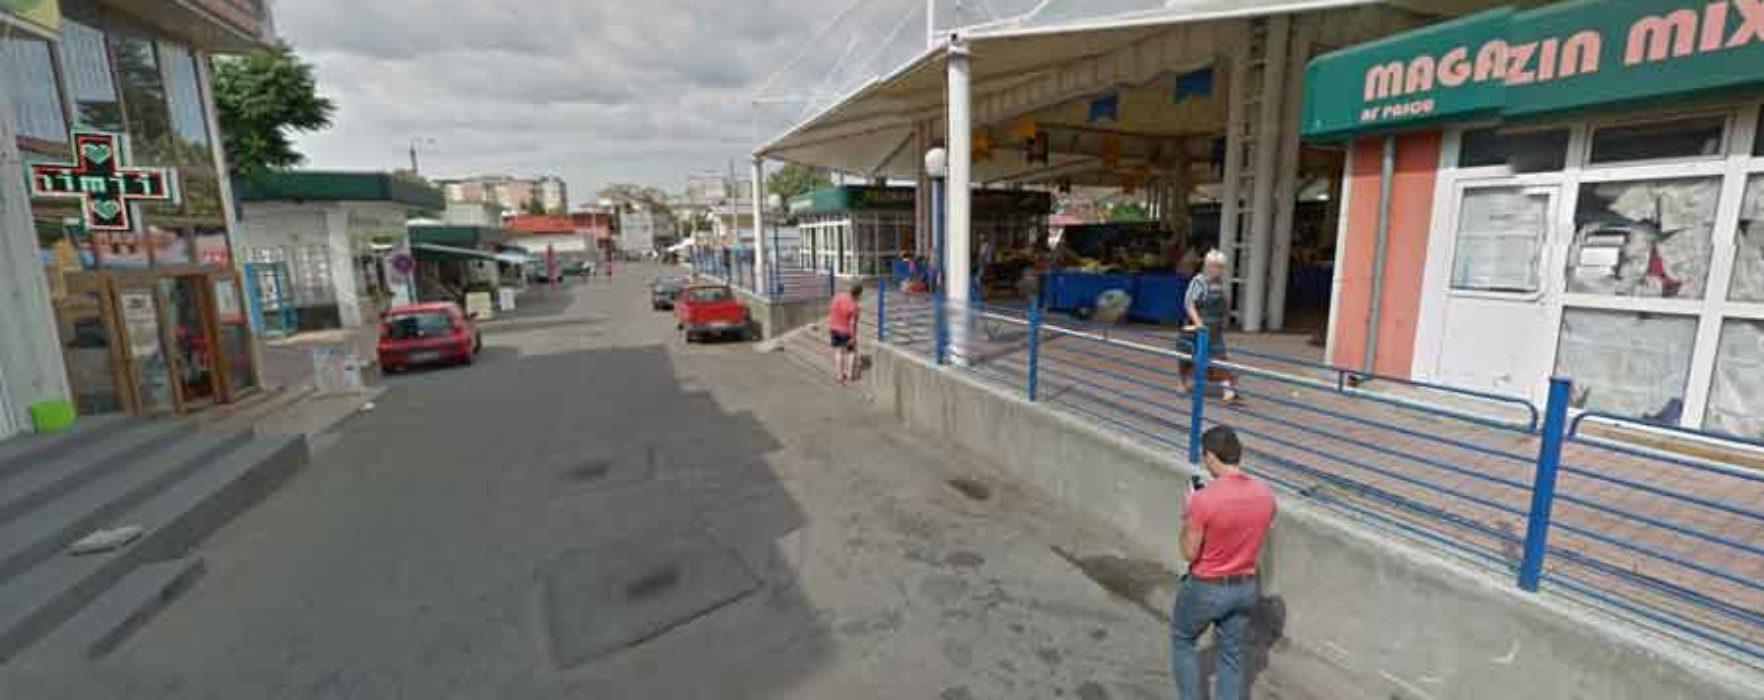 #Covid-19 Târgovişte: Oborul şi piaţa de vechituri de la 2 Brazi, închise pe 15 martie